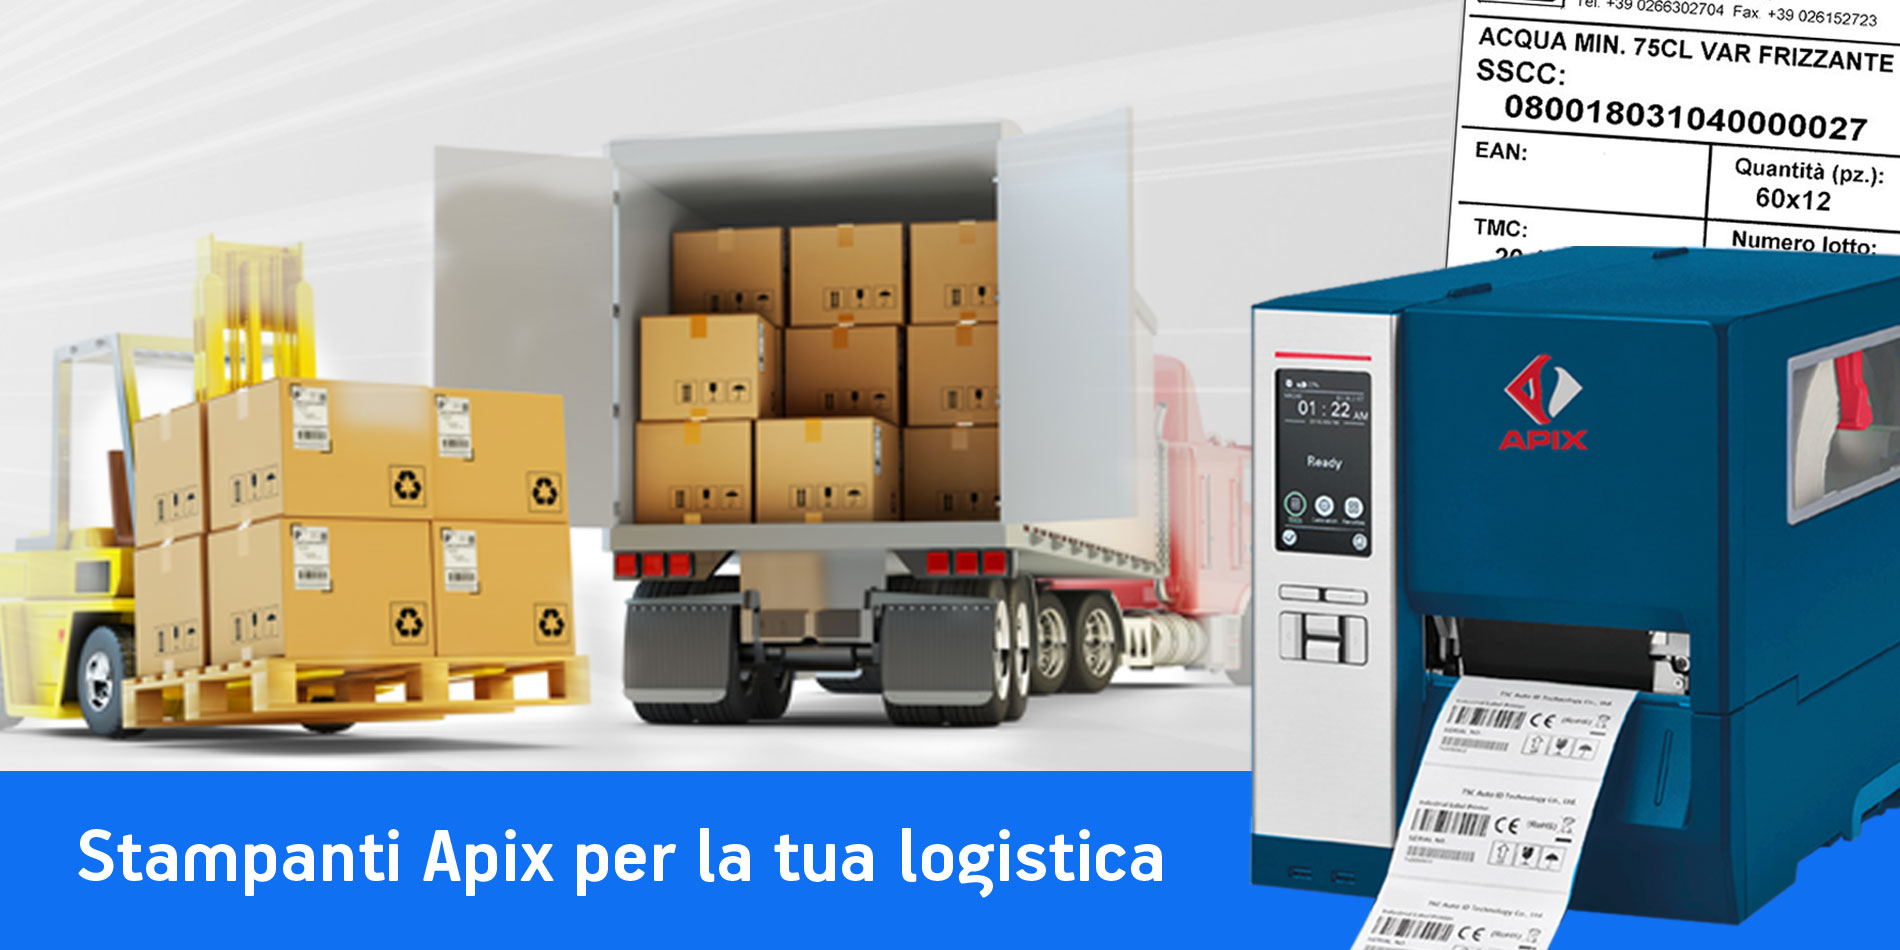 Stampanti etichette per logistica e produzione